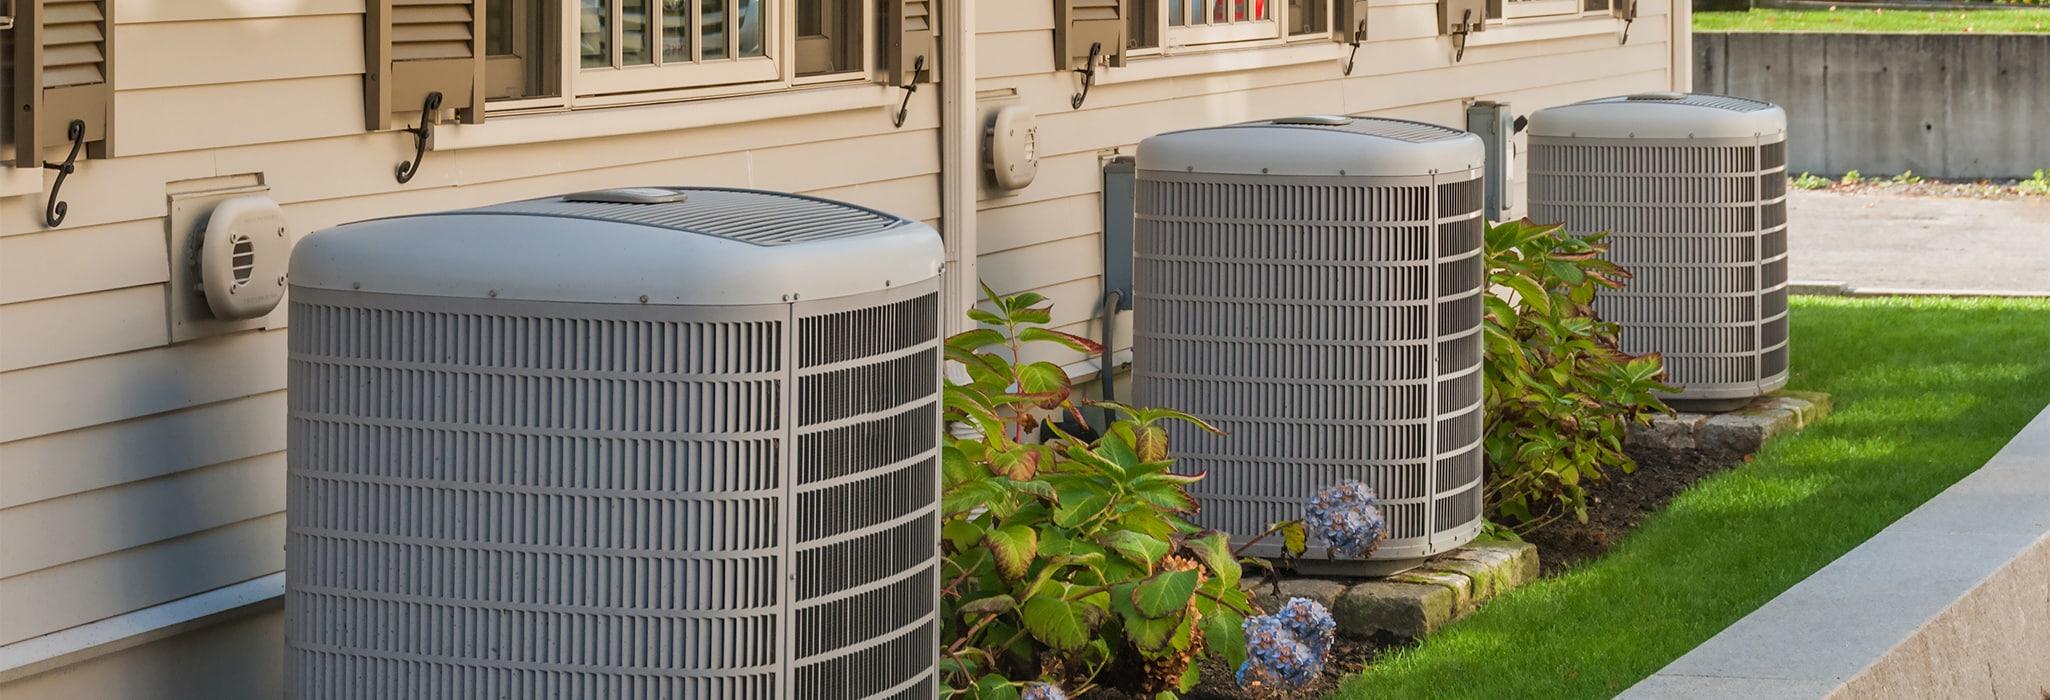 air_conditioner_2050x700